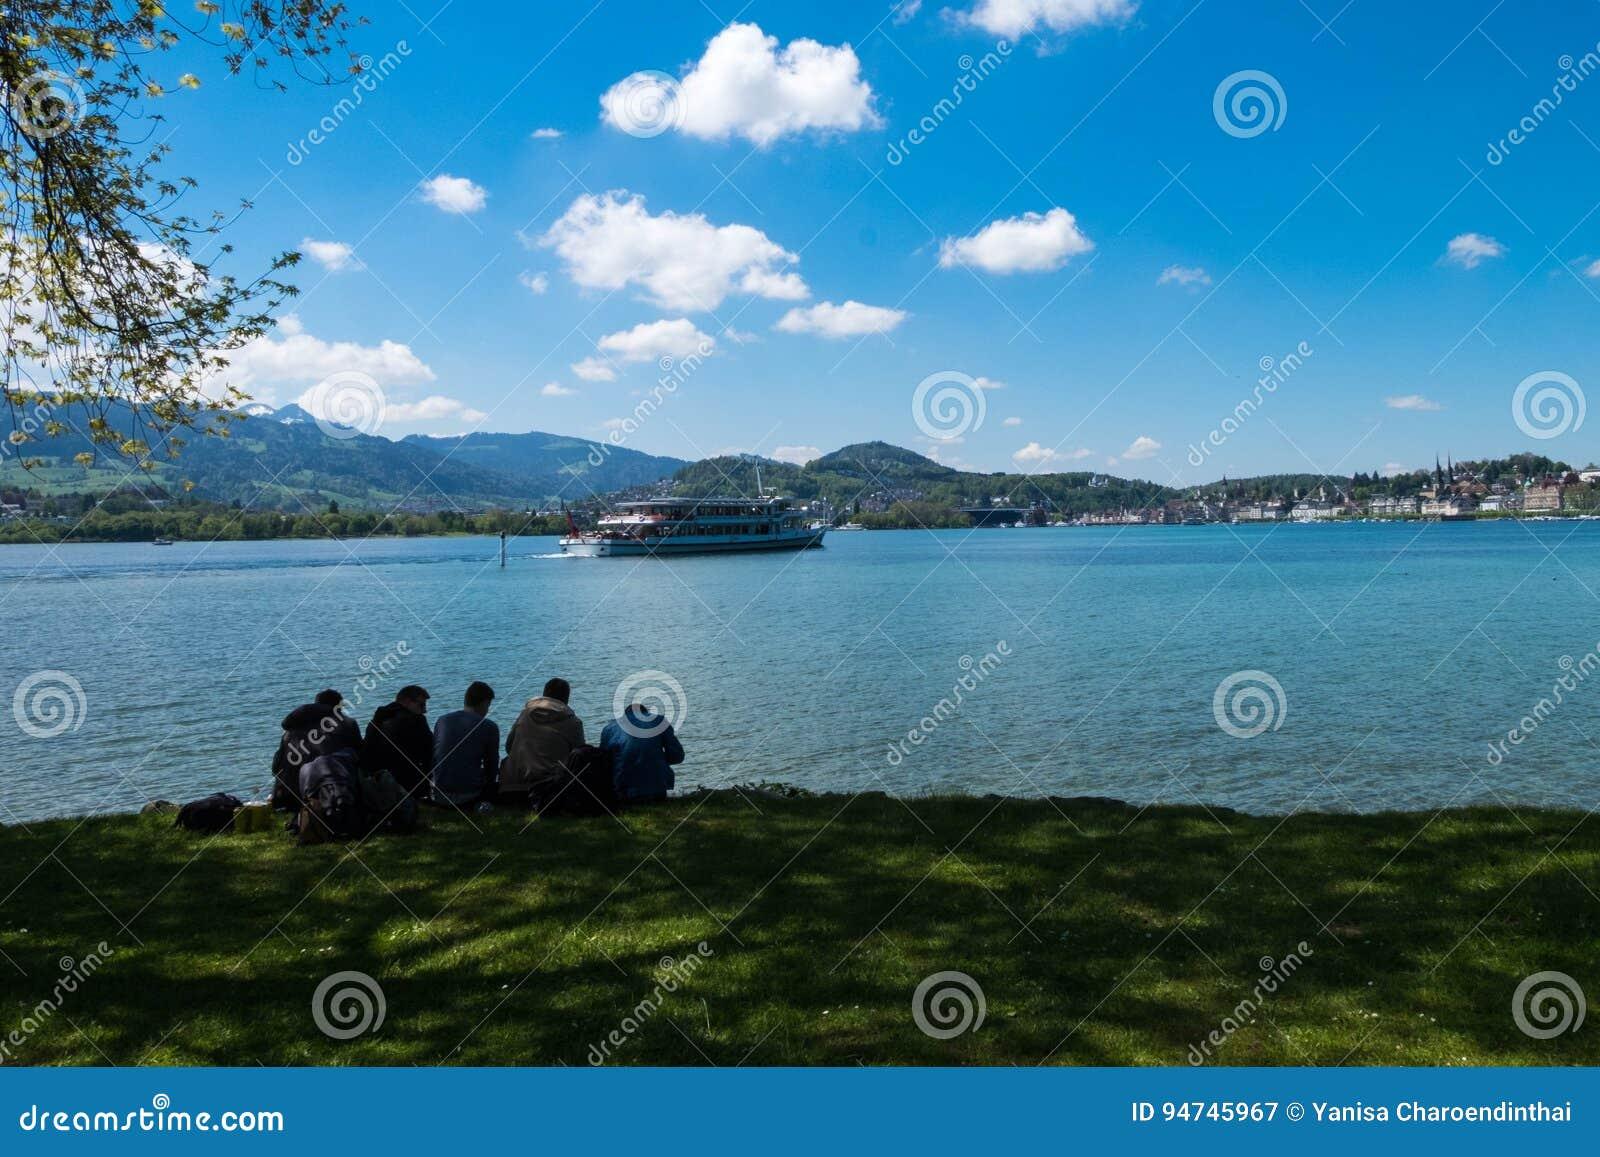 Freunde entspannen sich und verbringen Feiertag durch See